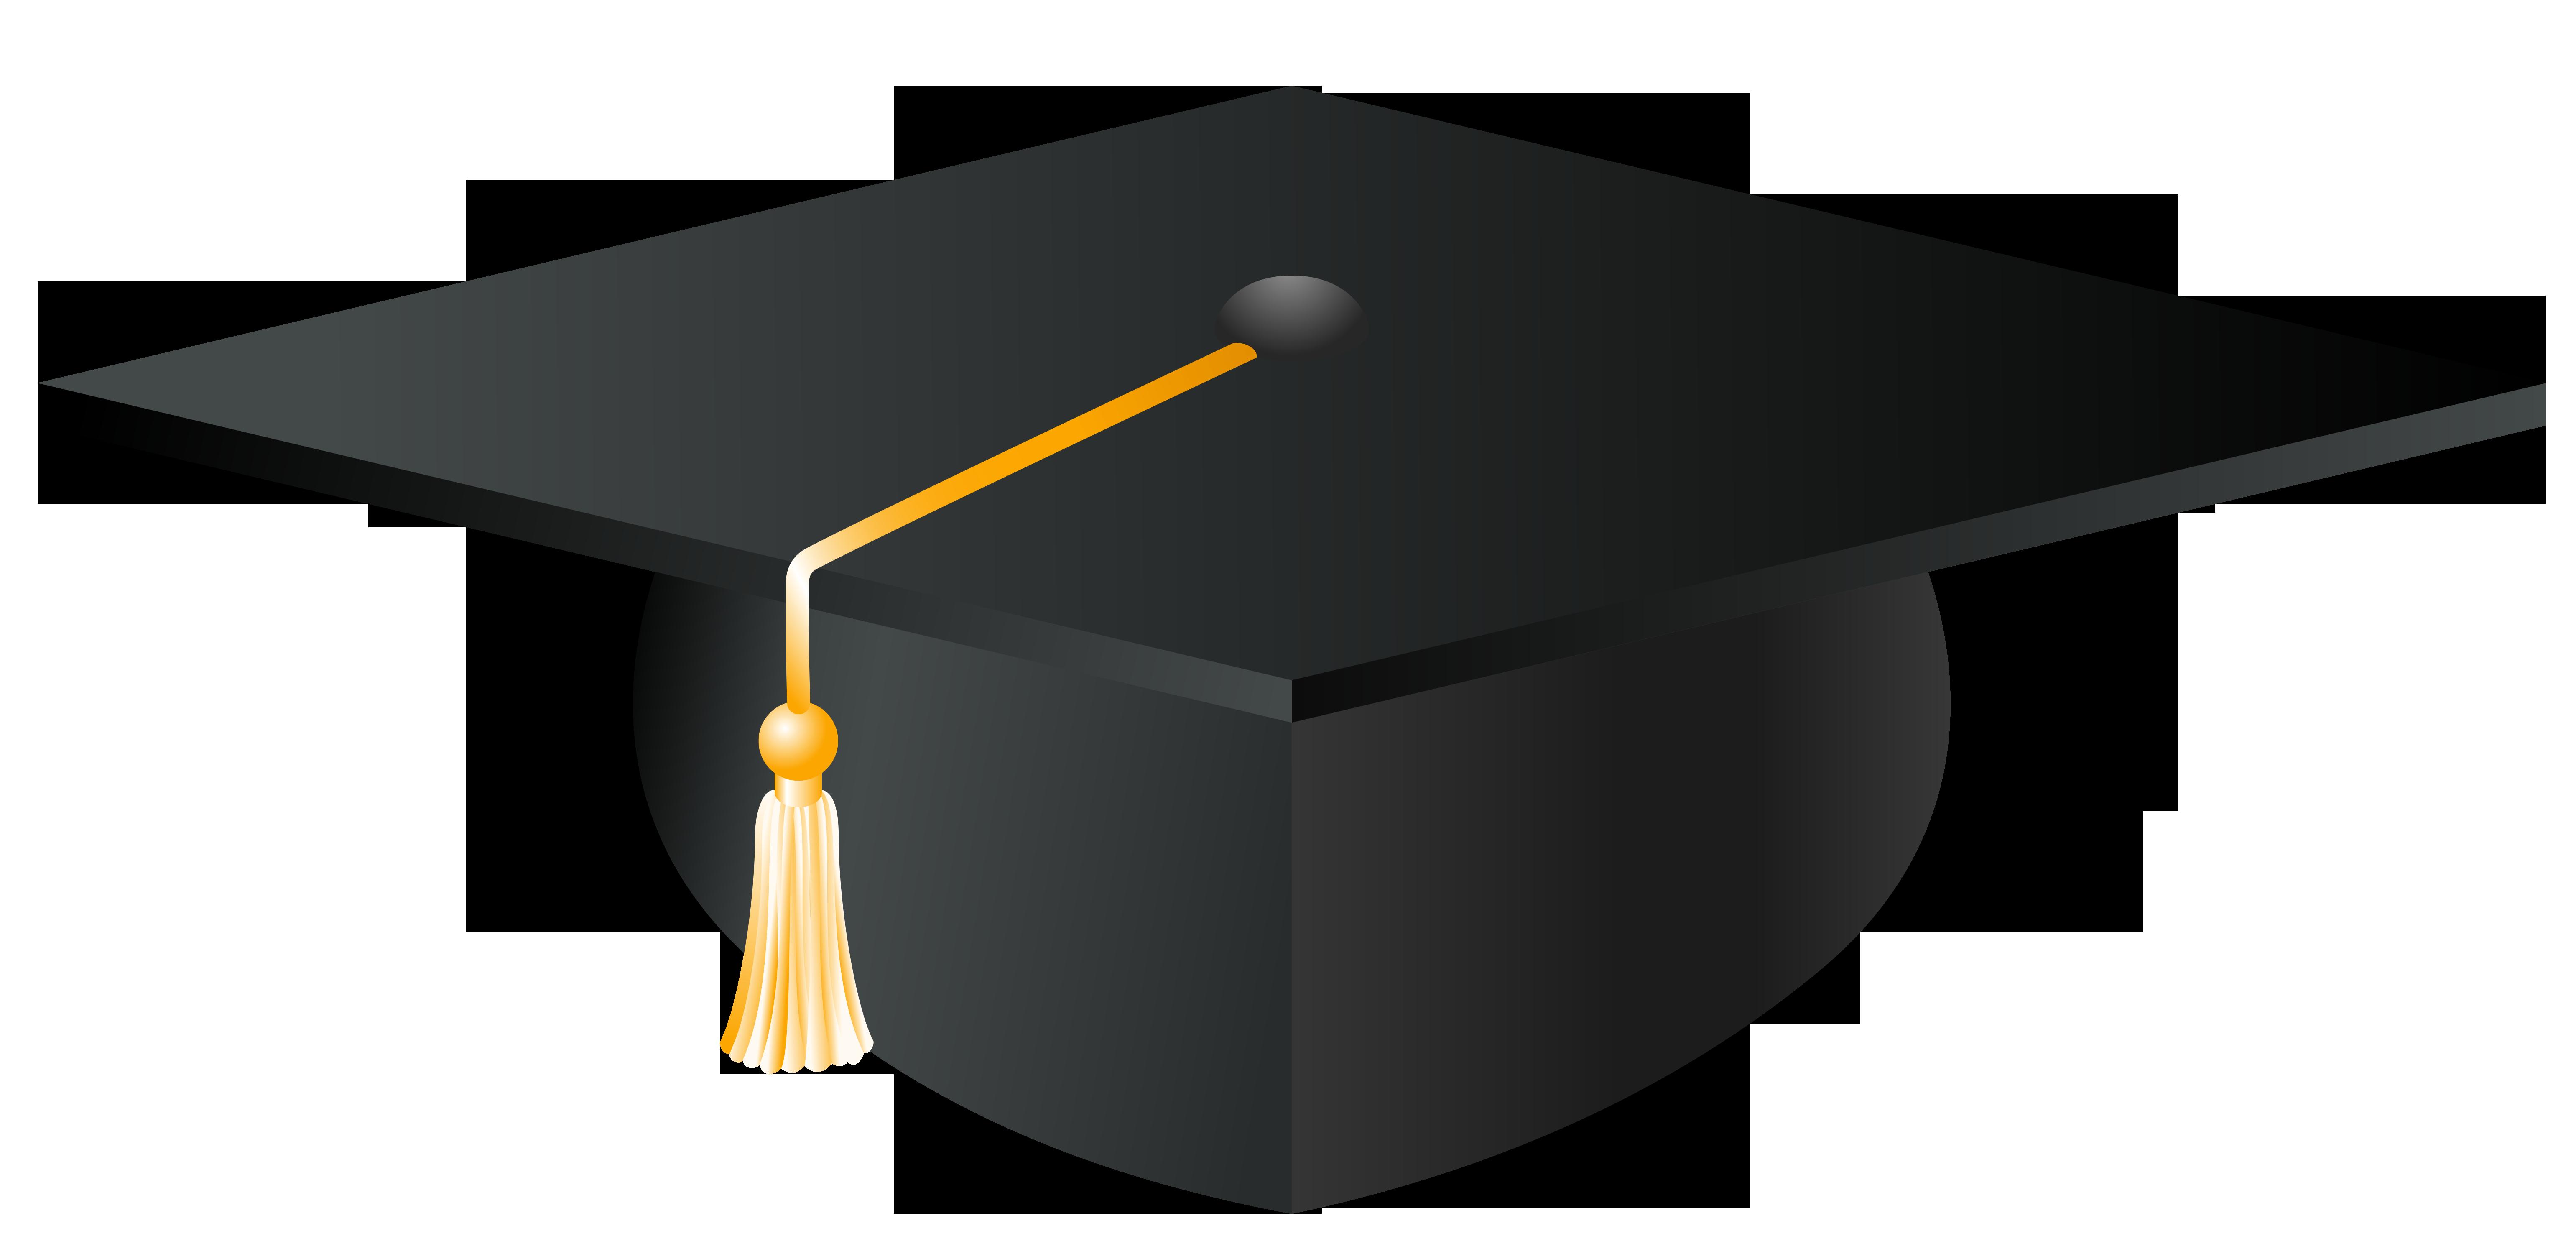 6162x3011 Free Graduation Cap Clipart